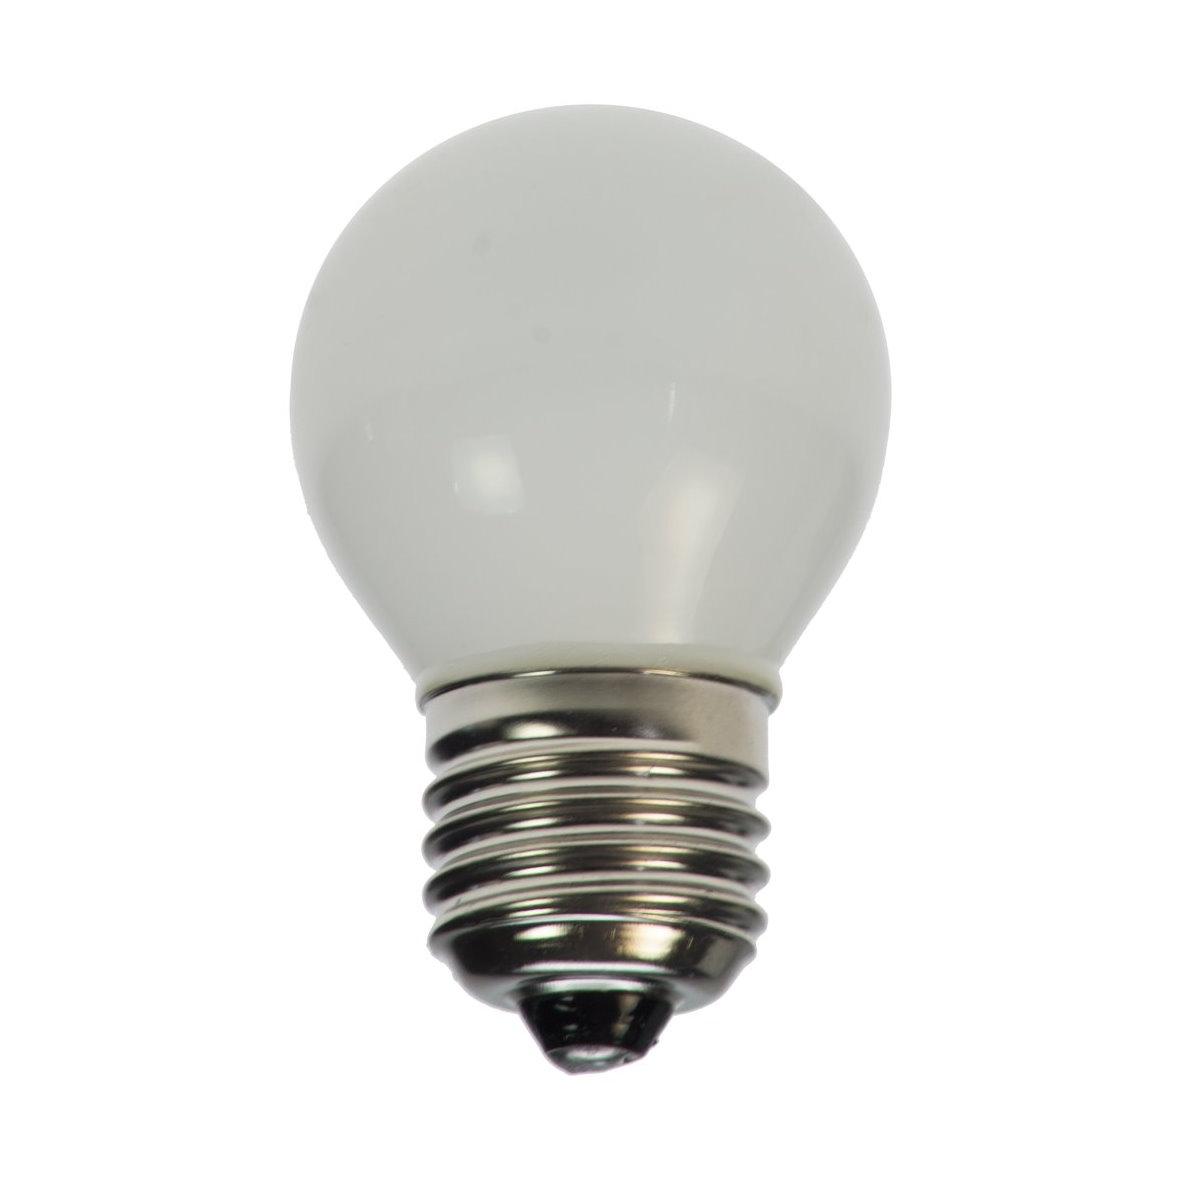 tageslichtlampe pflanzen 105 watt 525 watt tageslicht e27. Black Bedroom Furniture Sets. Home Design Ideas